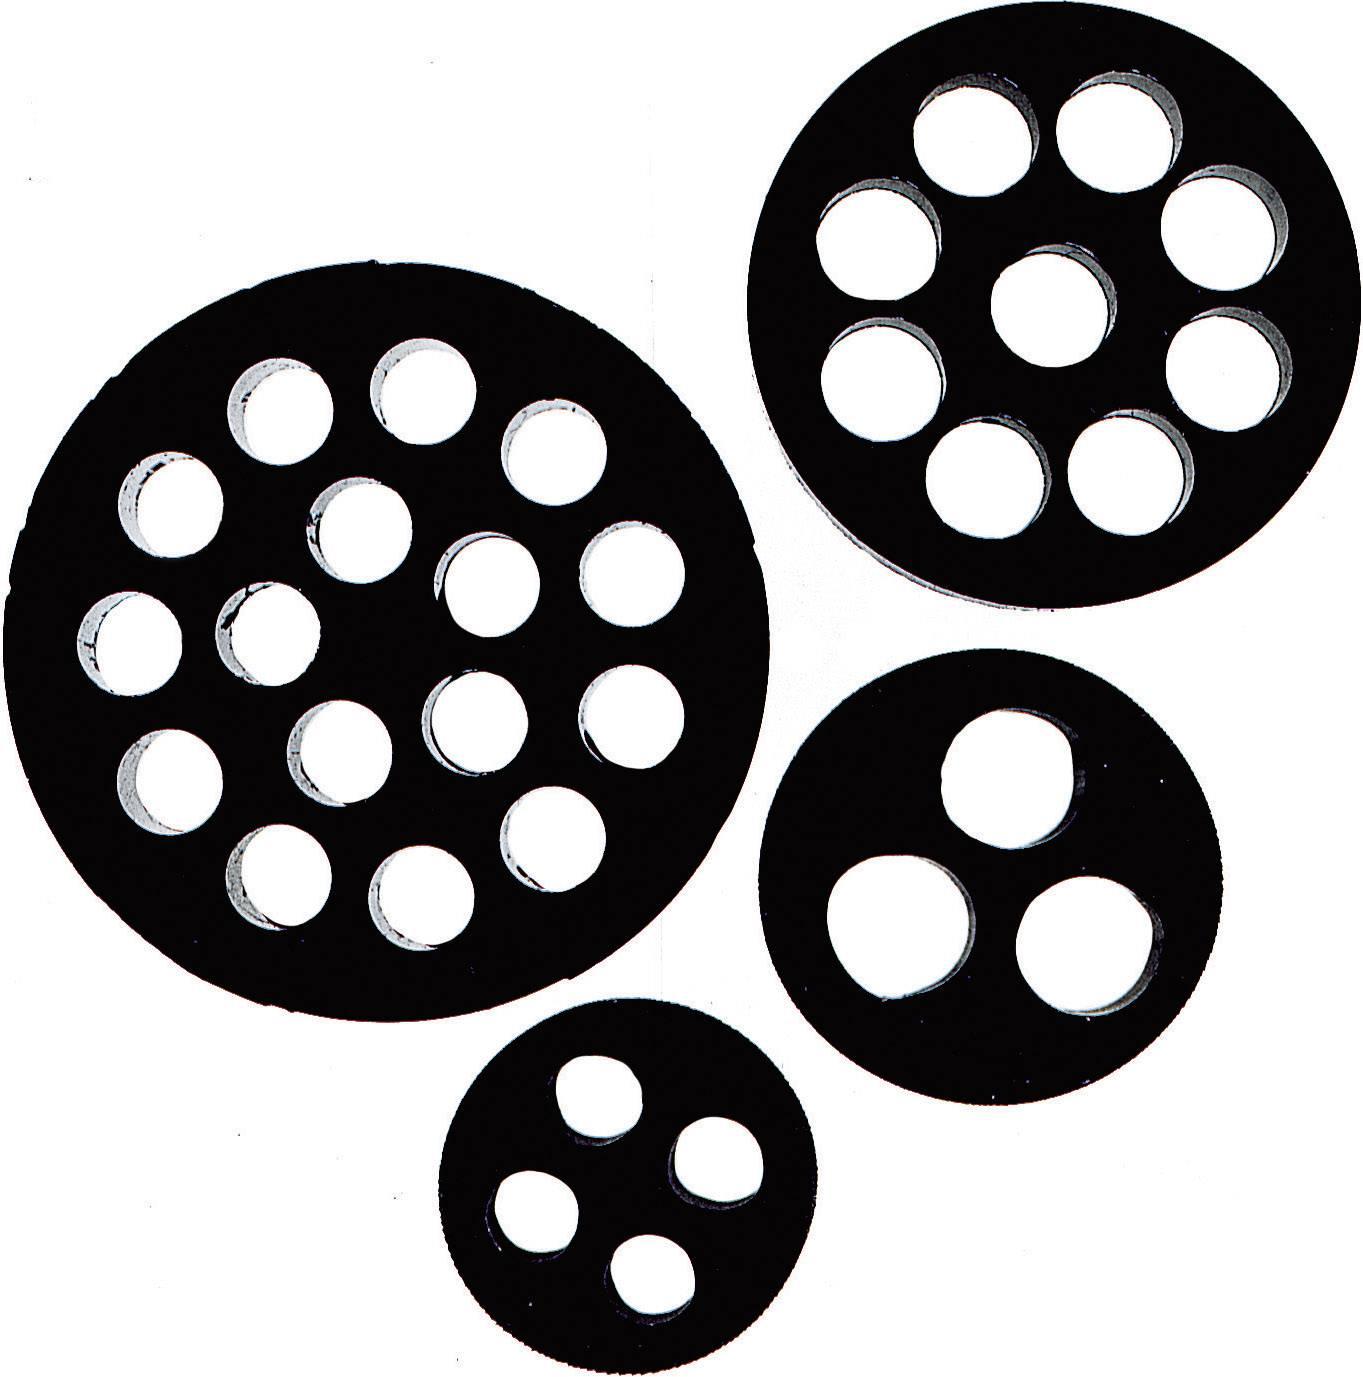 Těsnicí vložka M25 LappKabel DIX-M25 (53325640), IP54, M25, nitril kaučuk, černá